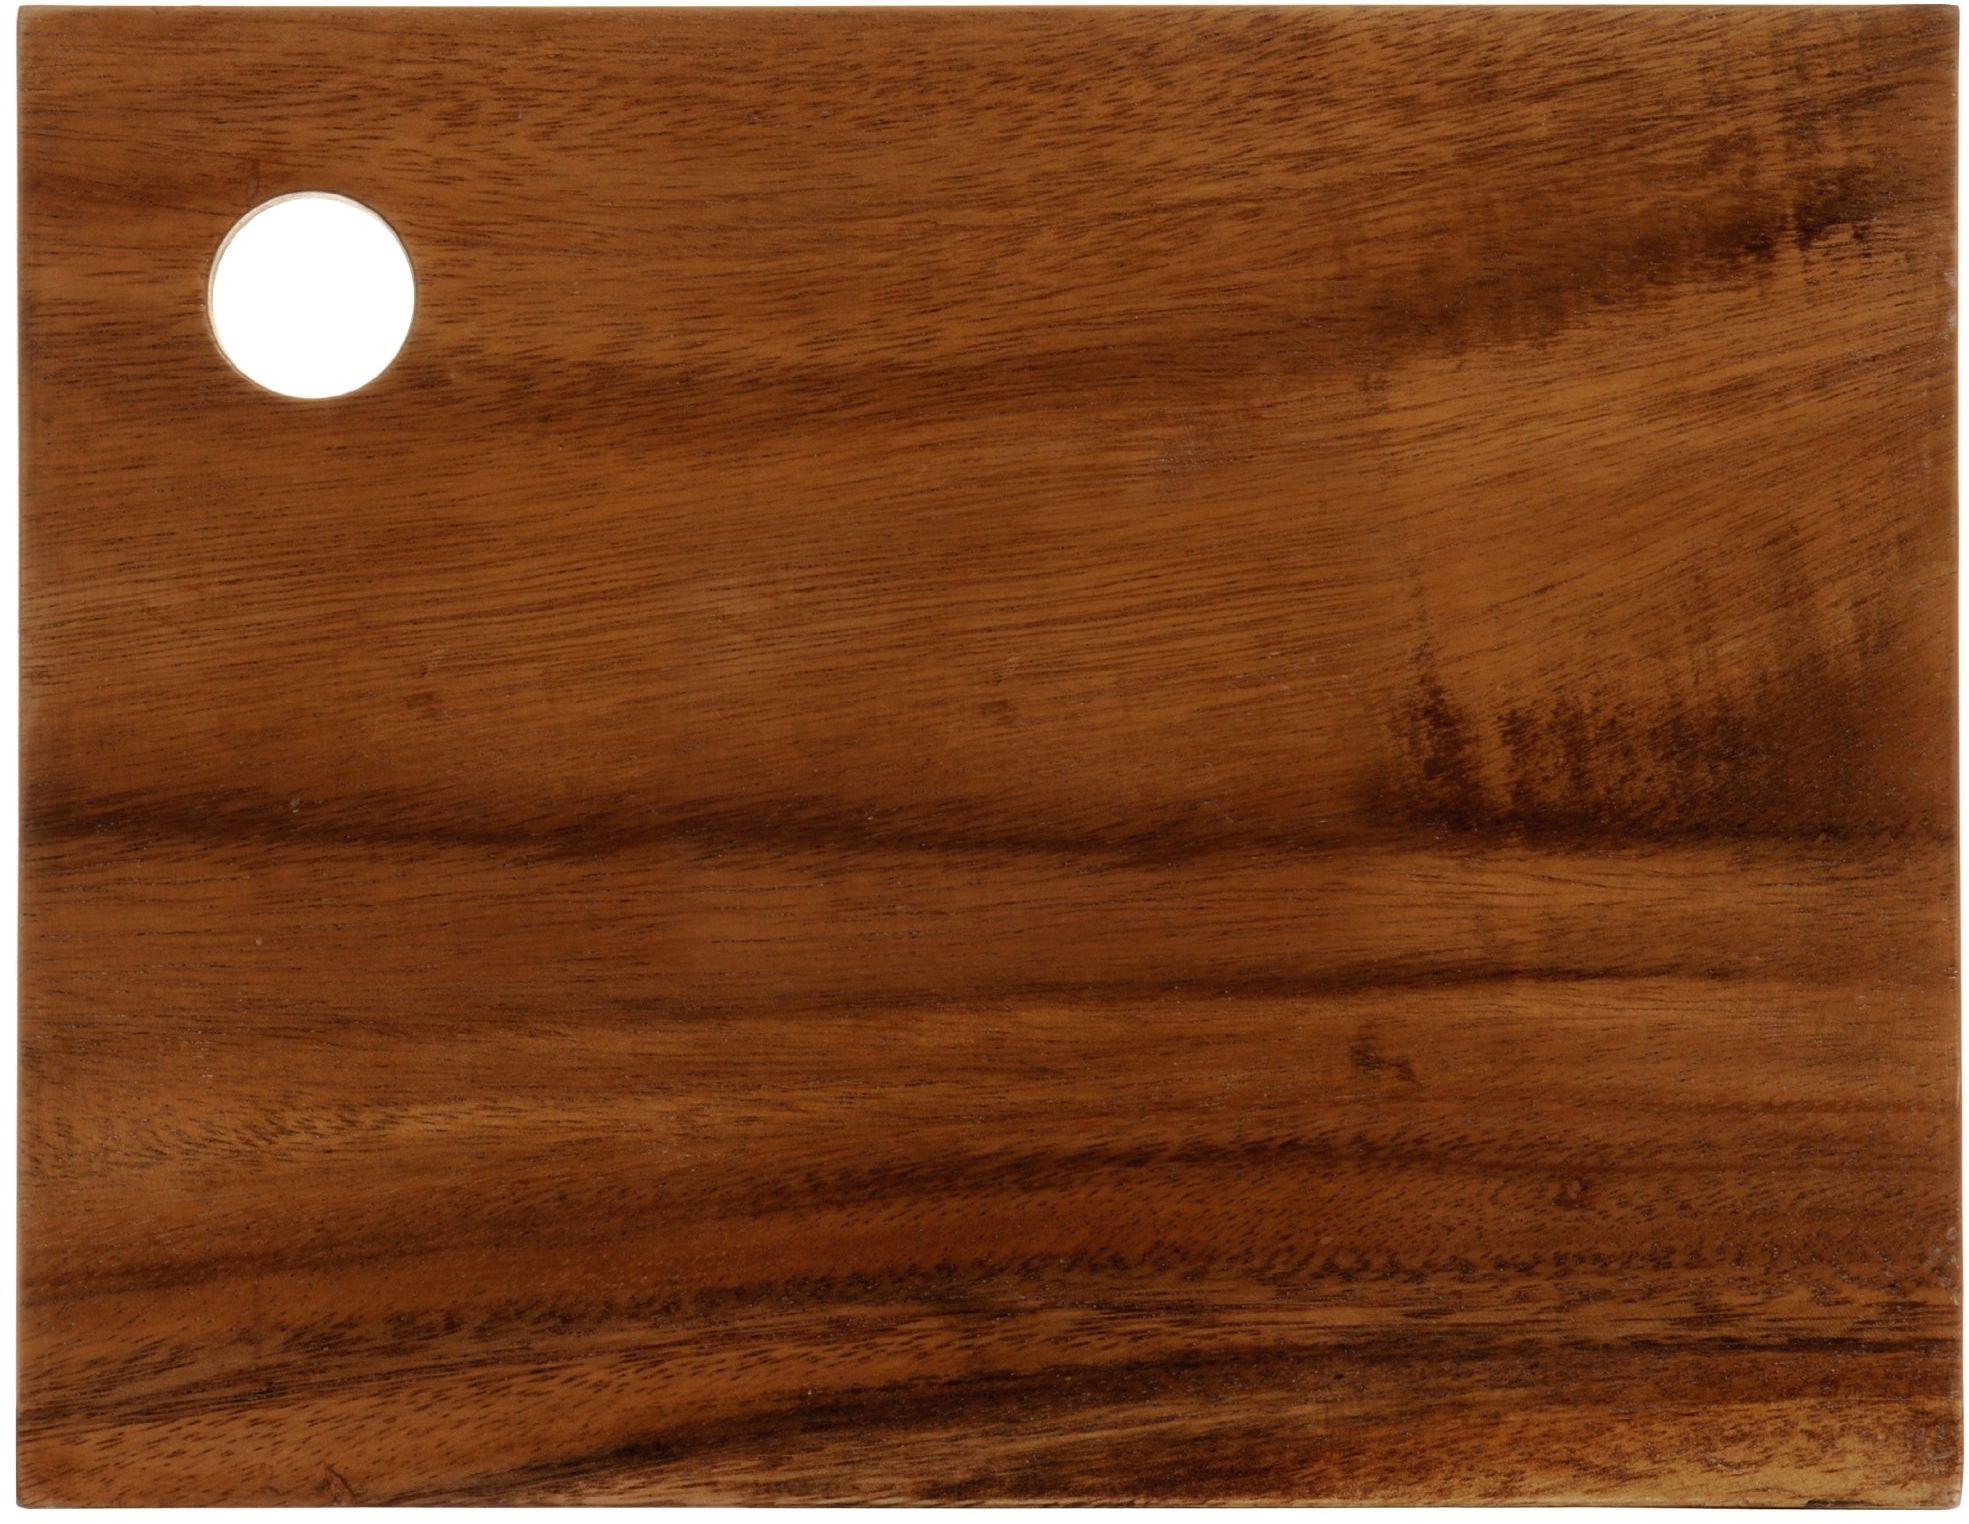 Premier Housewares Prostokątna deska do krojenia z naturalnego drewna akacjowego, z otworem w rogu, 24 x 31 x 2